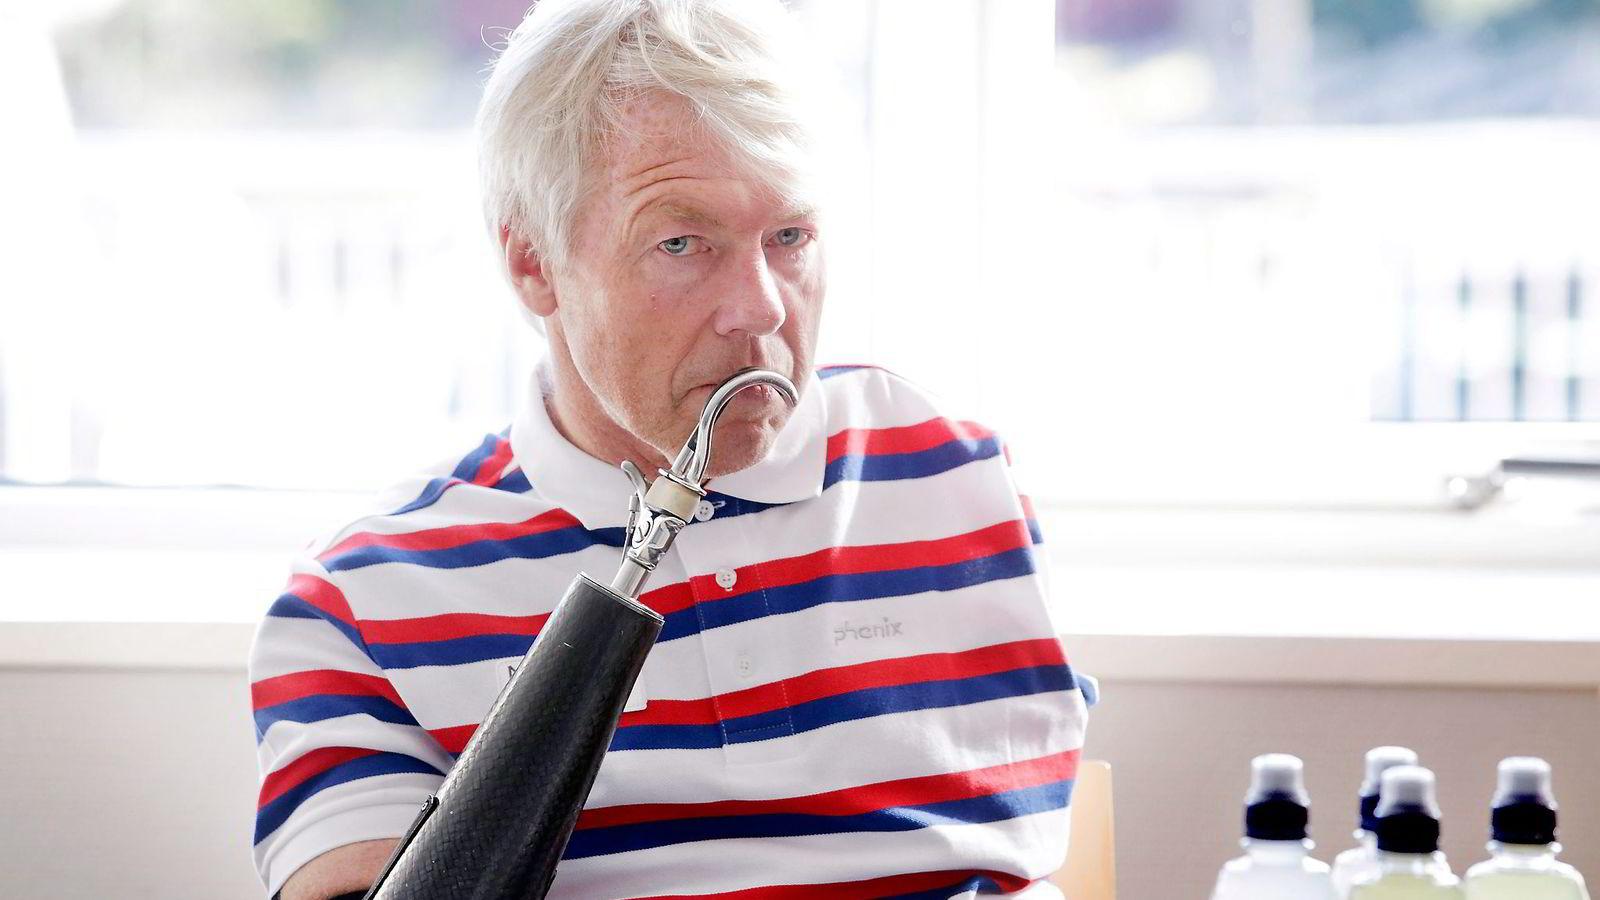 Cato Zahl Pedersen mener vi har altfor lett for å skippe jobb. En brukket arm behøver ikke være noen god grunn, mener toppidrettsutøveren uten armer. Foto: Håkon Mosvold Larsen/